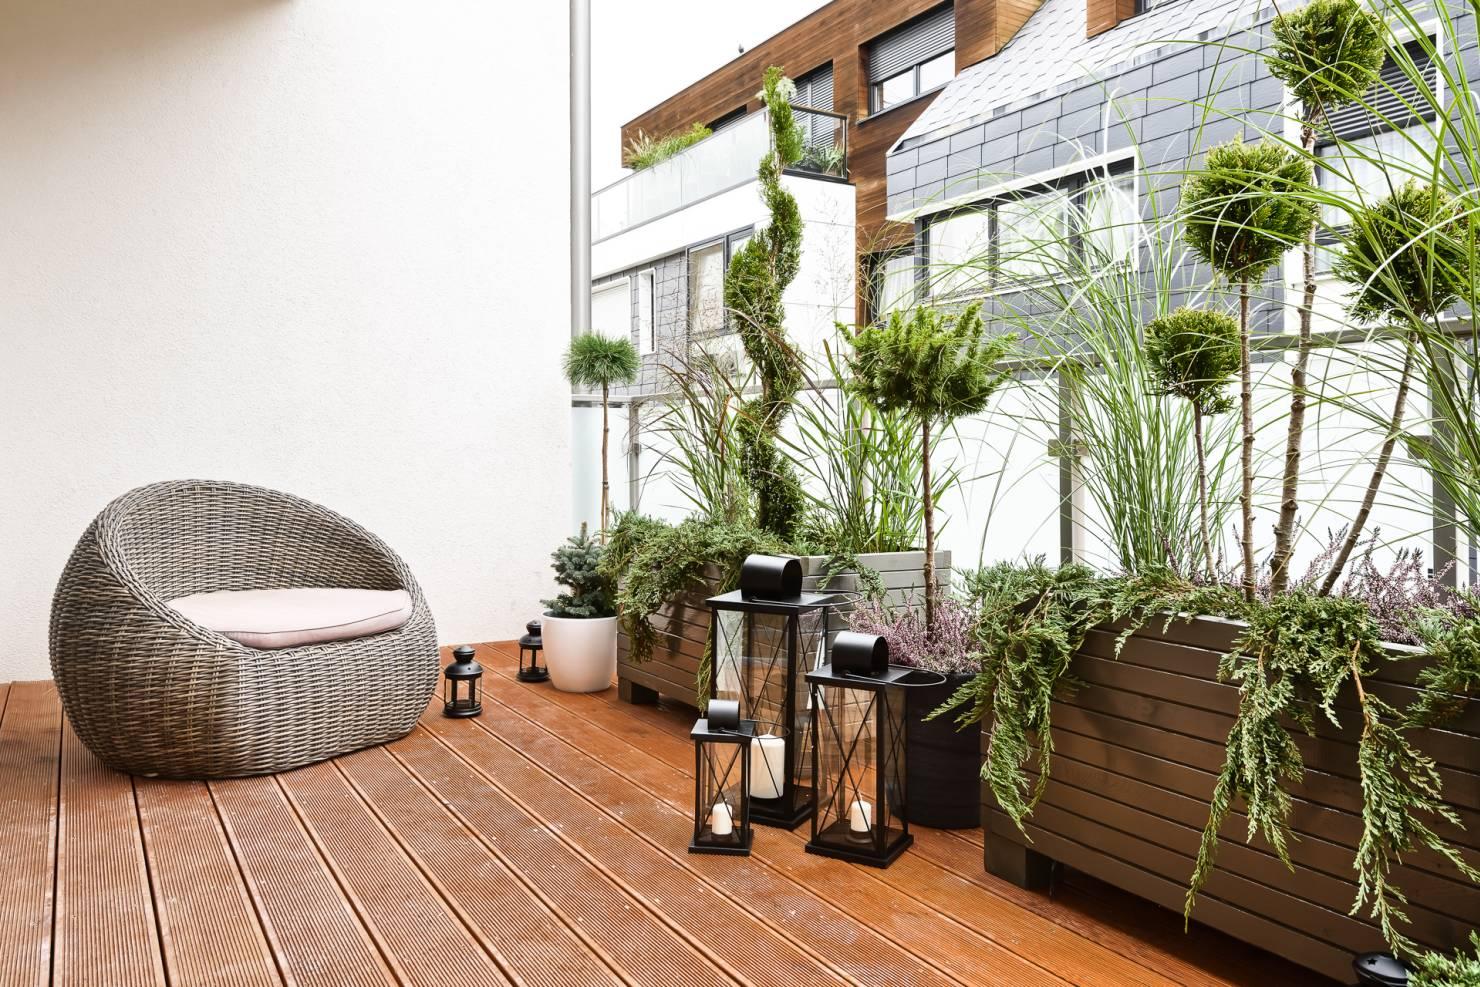 Latarenki i lampiony to źródło naturalne światła na balkonie i przy tym bardzo stylowe